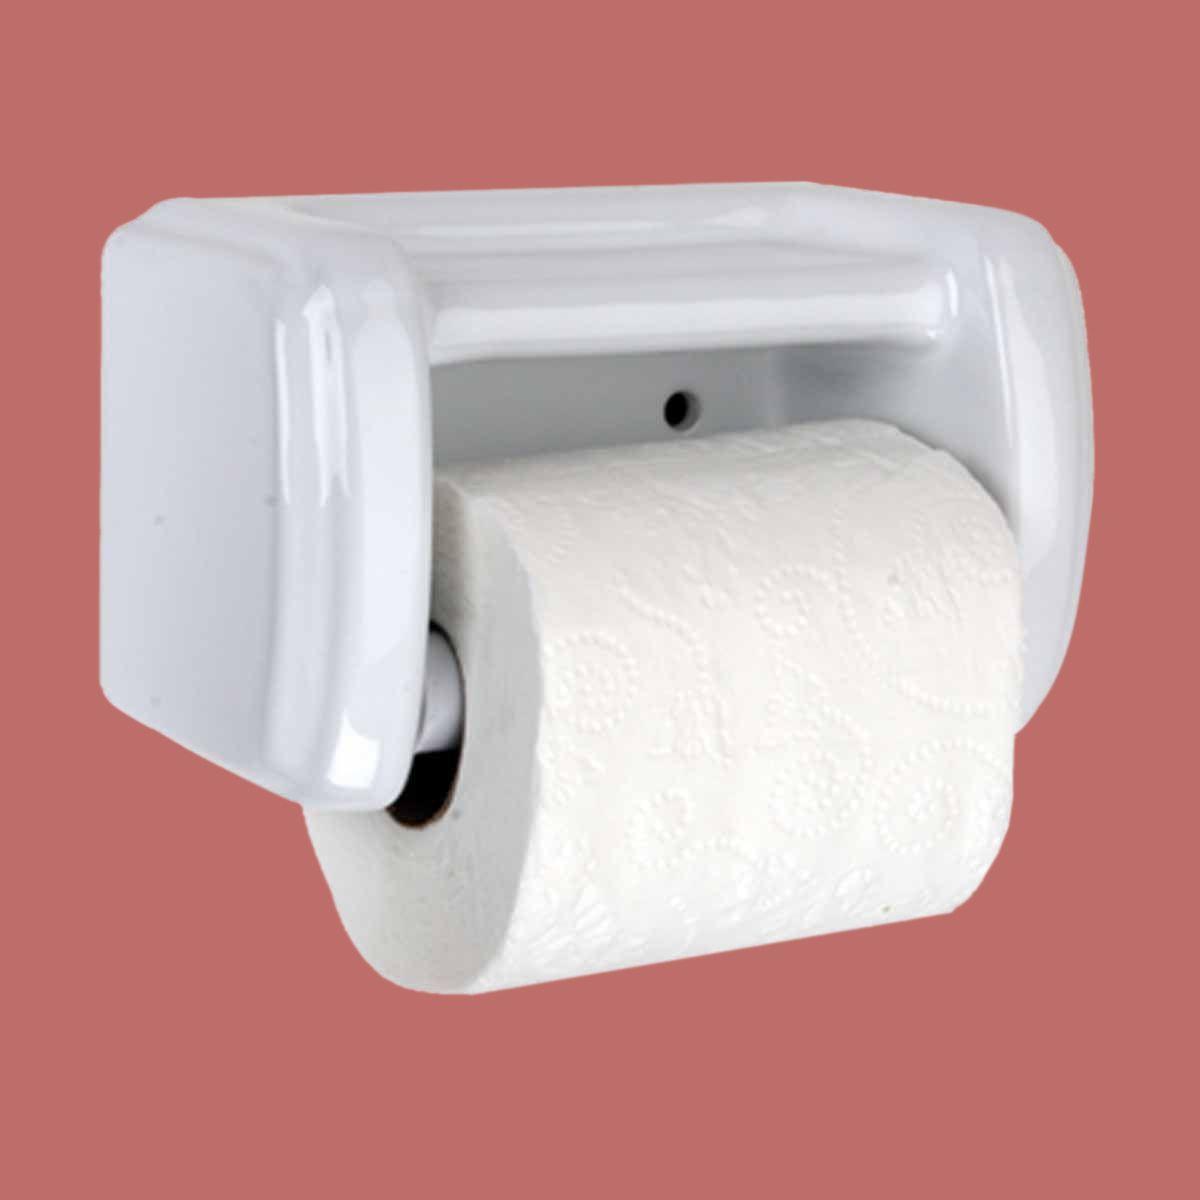 Toilet Paper Holder White Ceramic Toilet Tissue Holder Toilet